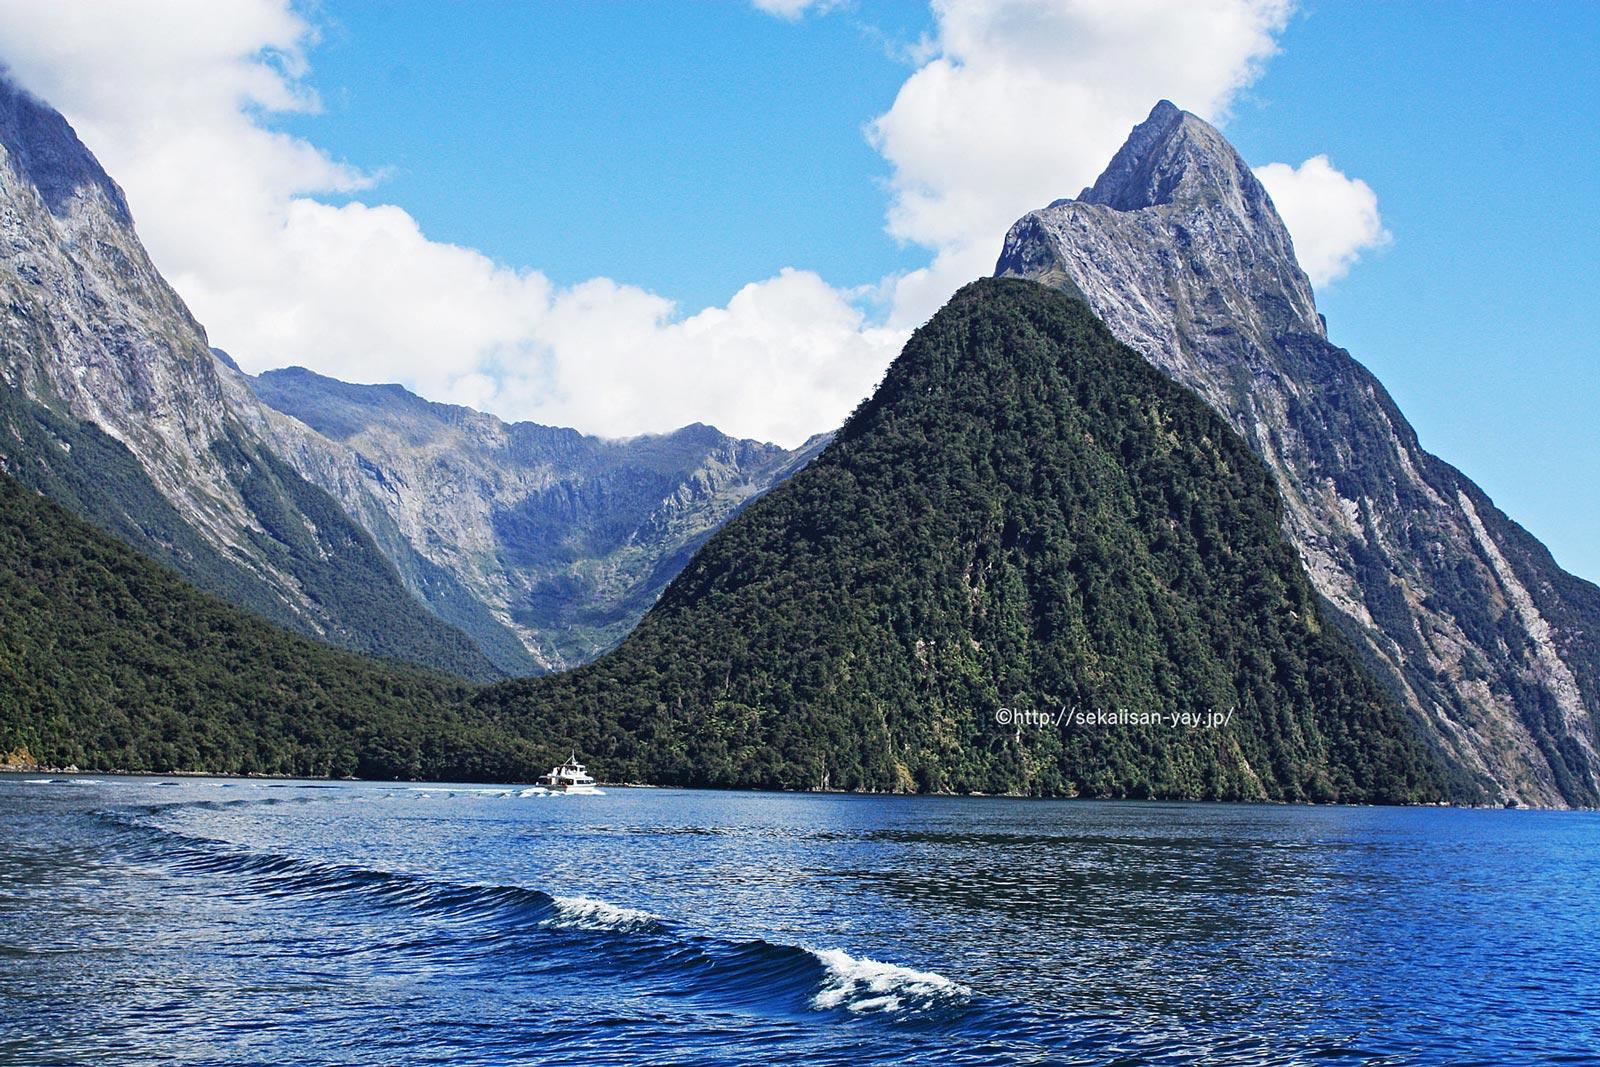 テ・ワヒポウナム-南西ニュージーランド - フィヨルドランド国立公園(ミルフォード・サウンド)